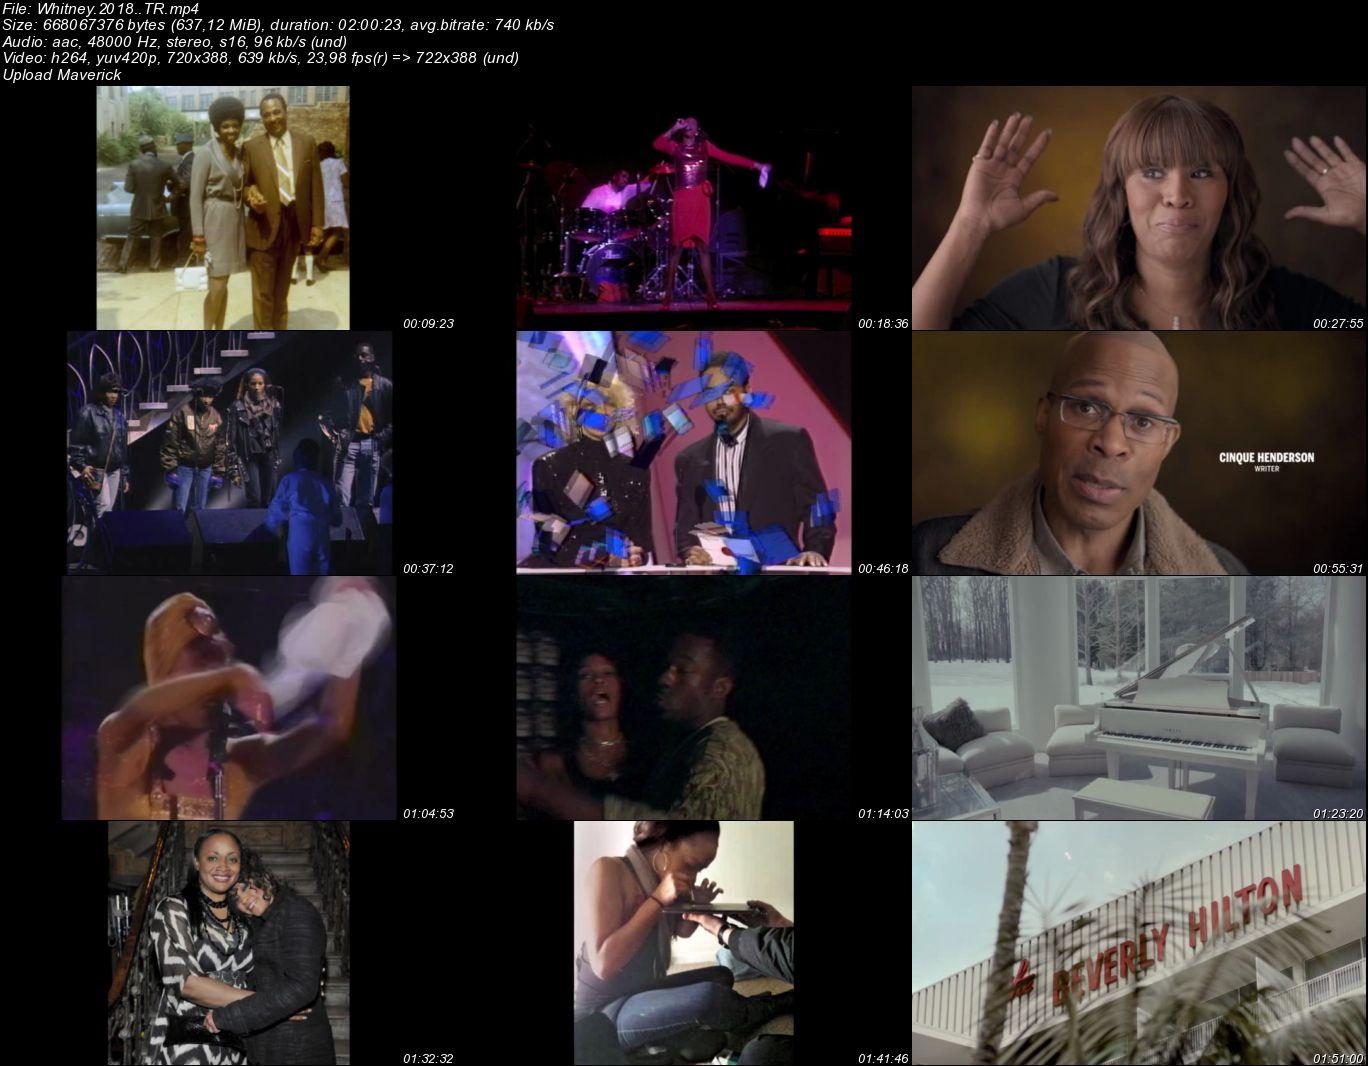 Whitney - 2018 Türkçe Dublaj Mp4 indir